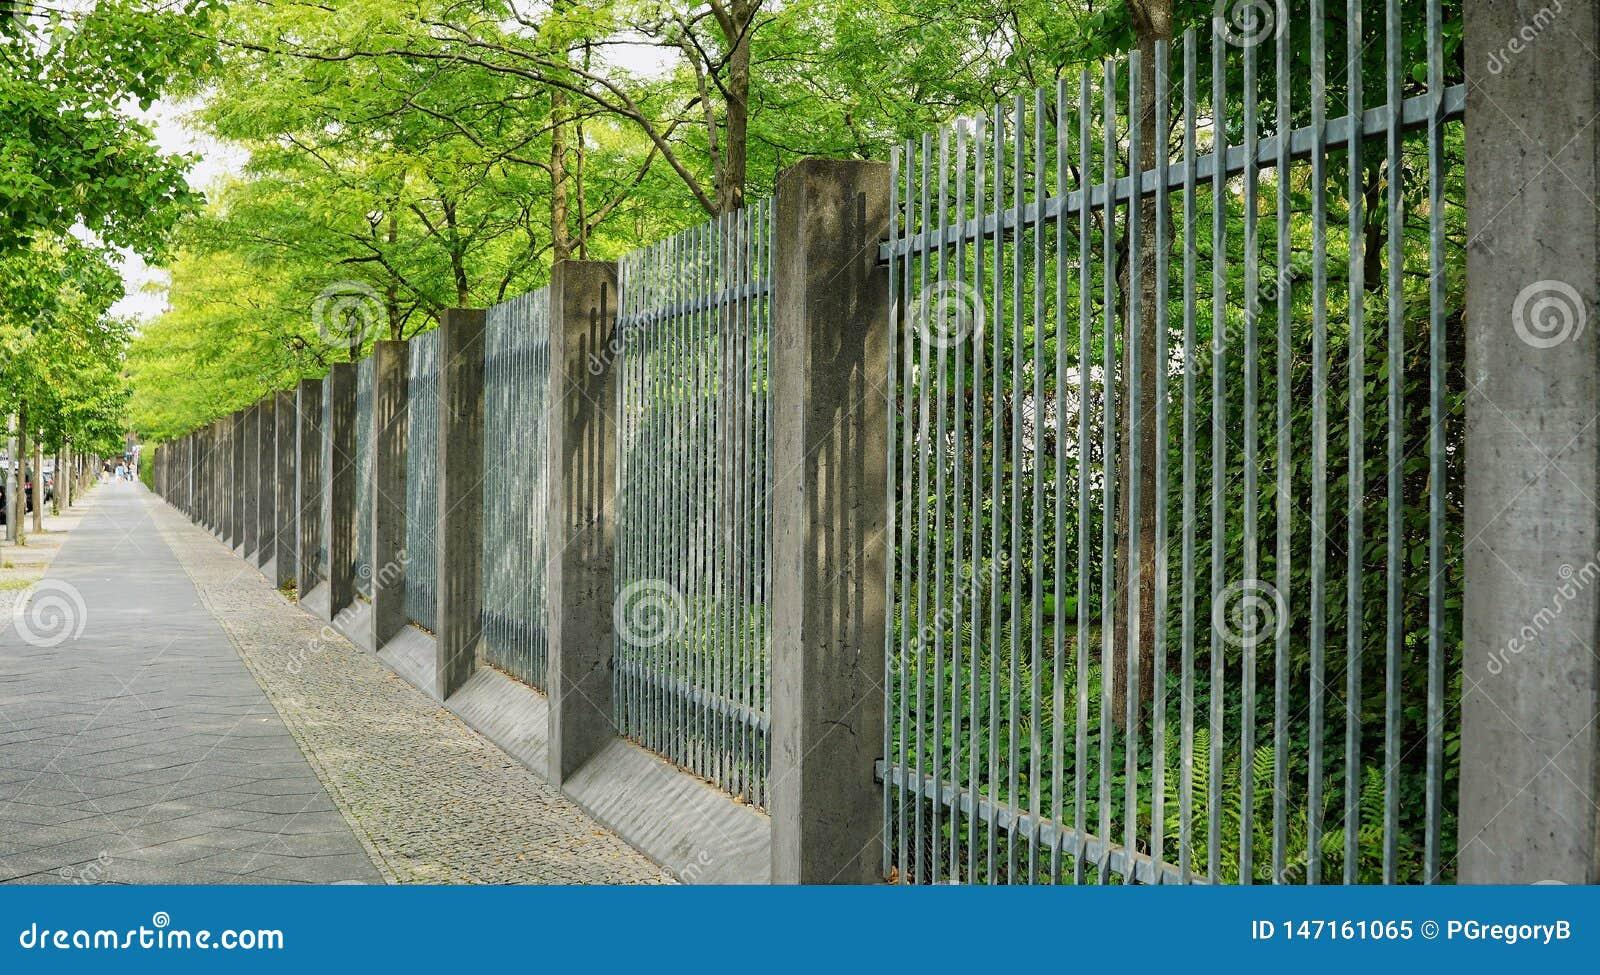 Trottoir bordé d arbres avec la barrière admirablement géométrique